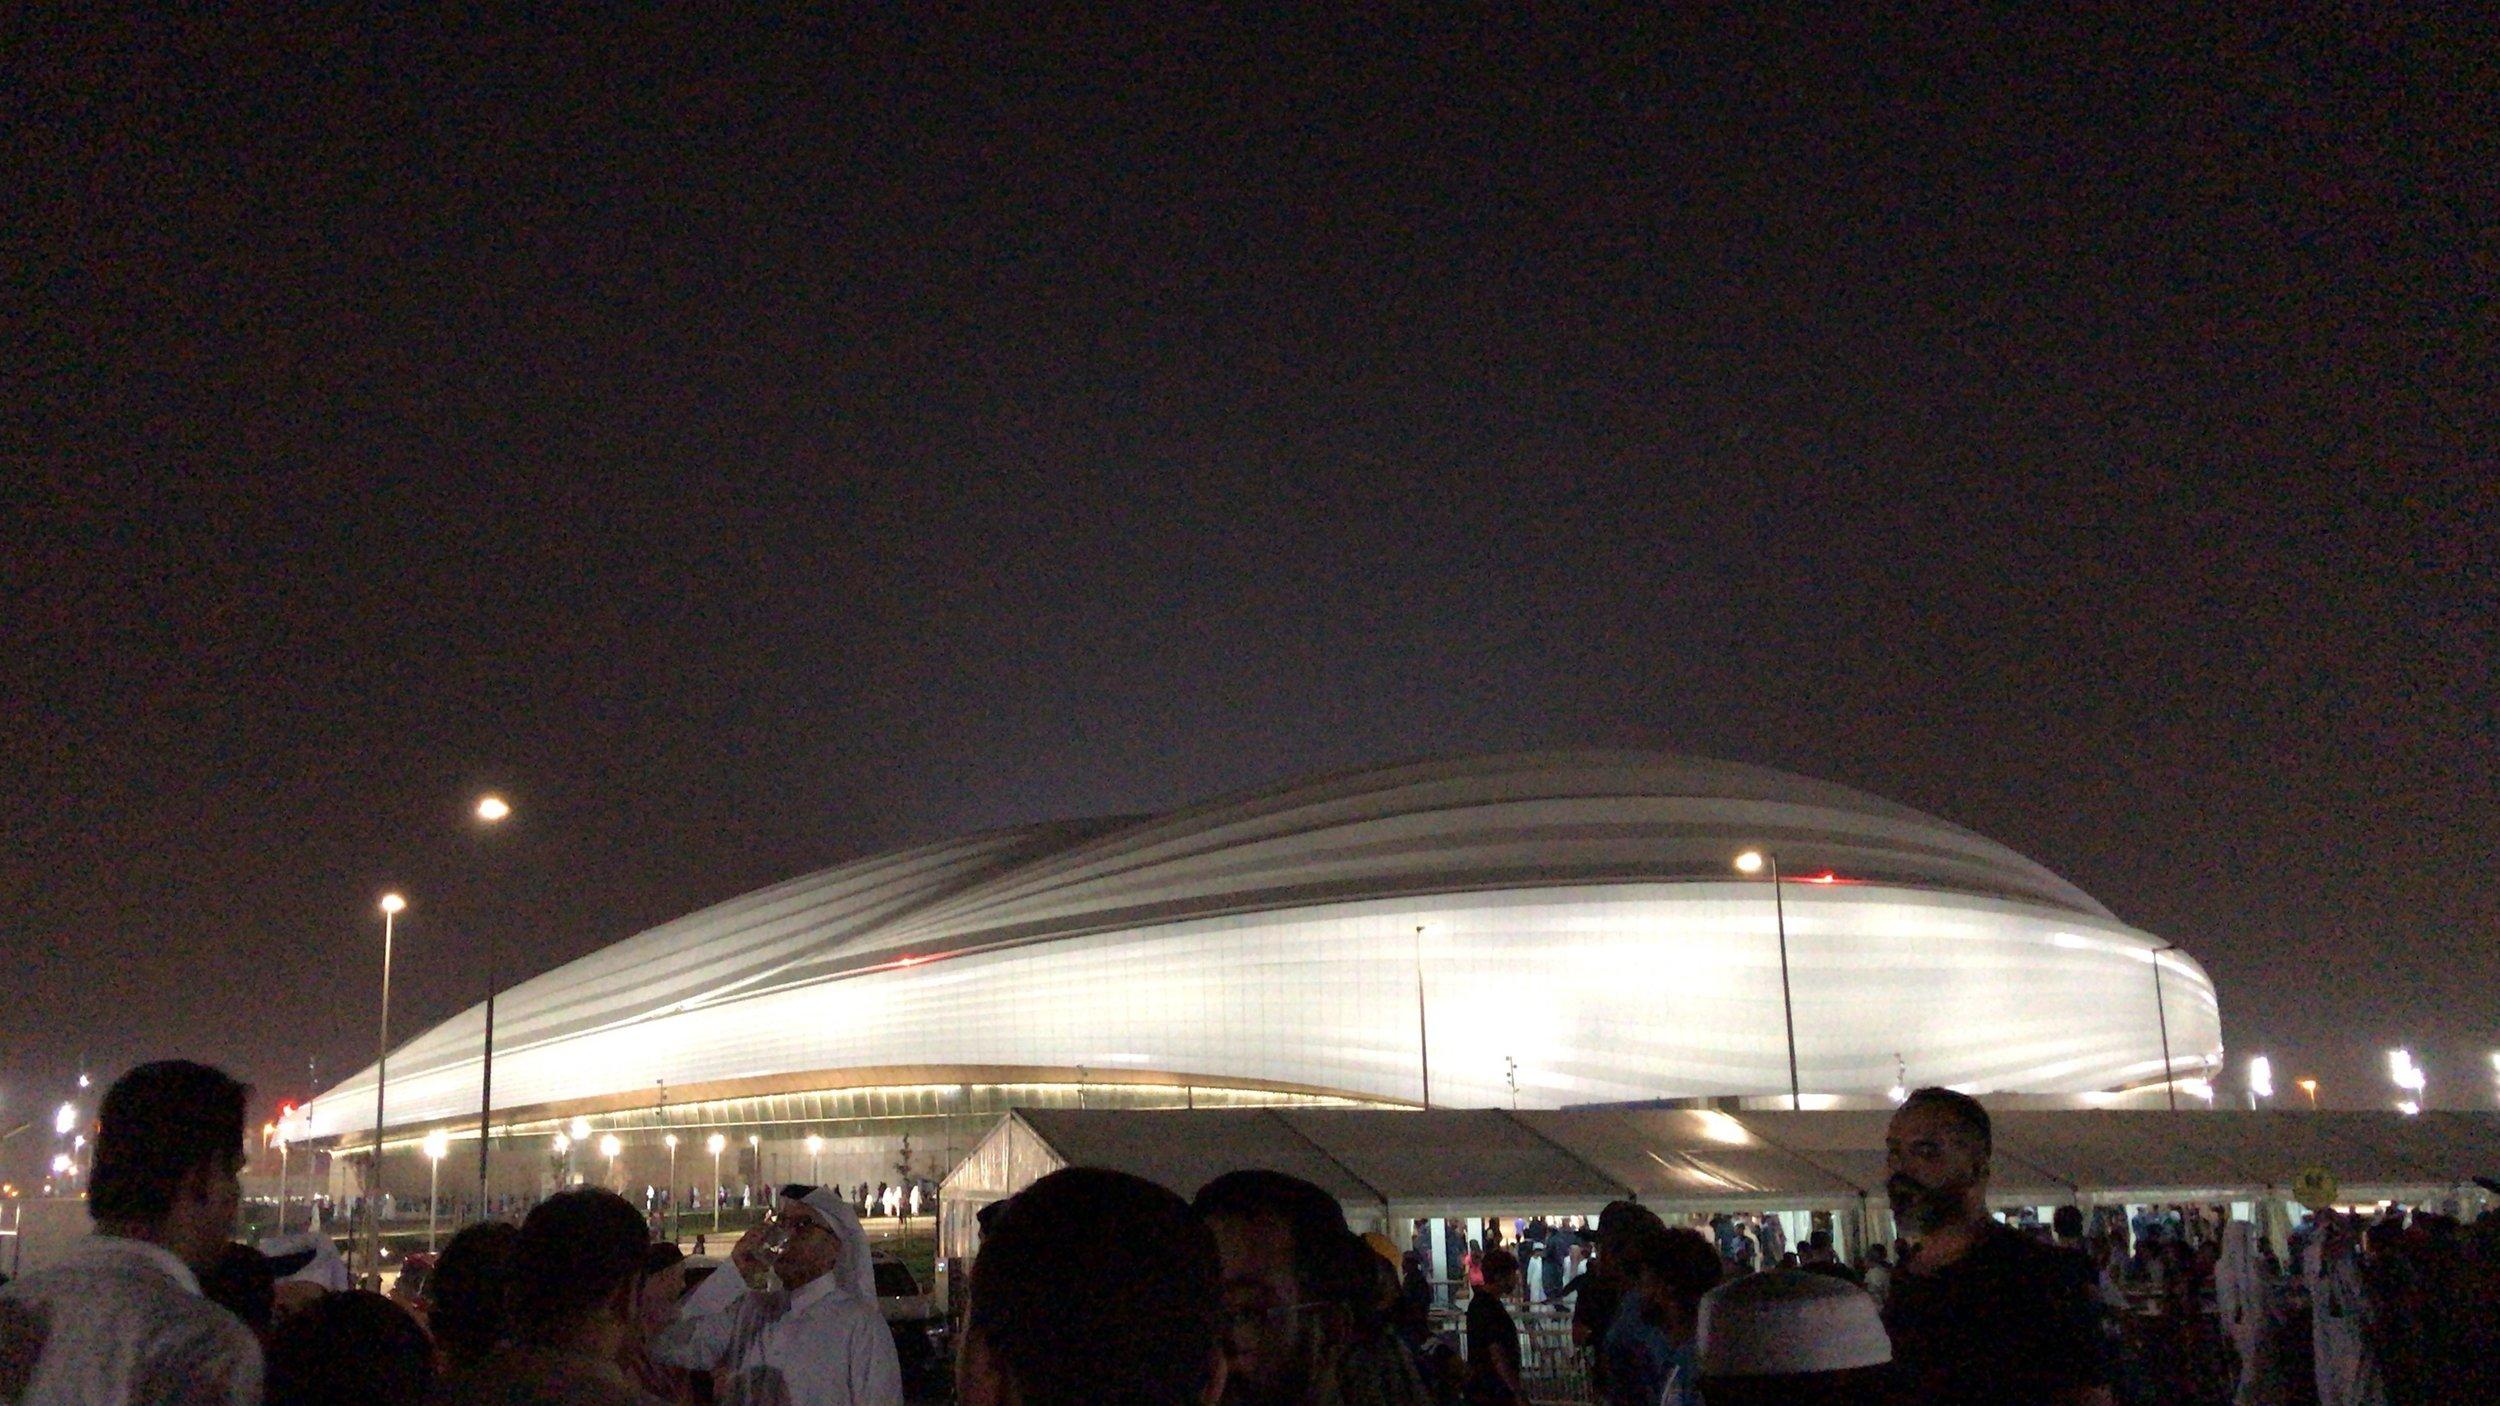 Outside of Al-Wakrah Stadium